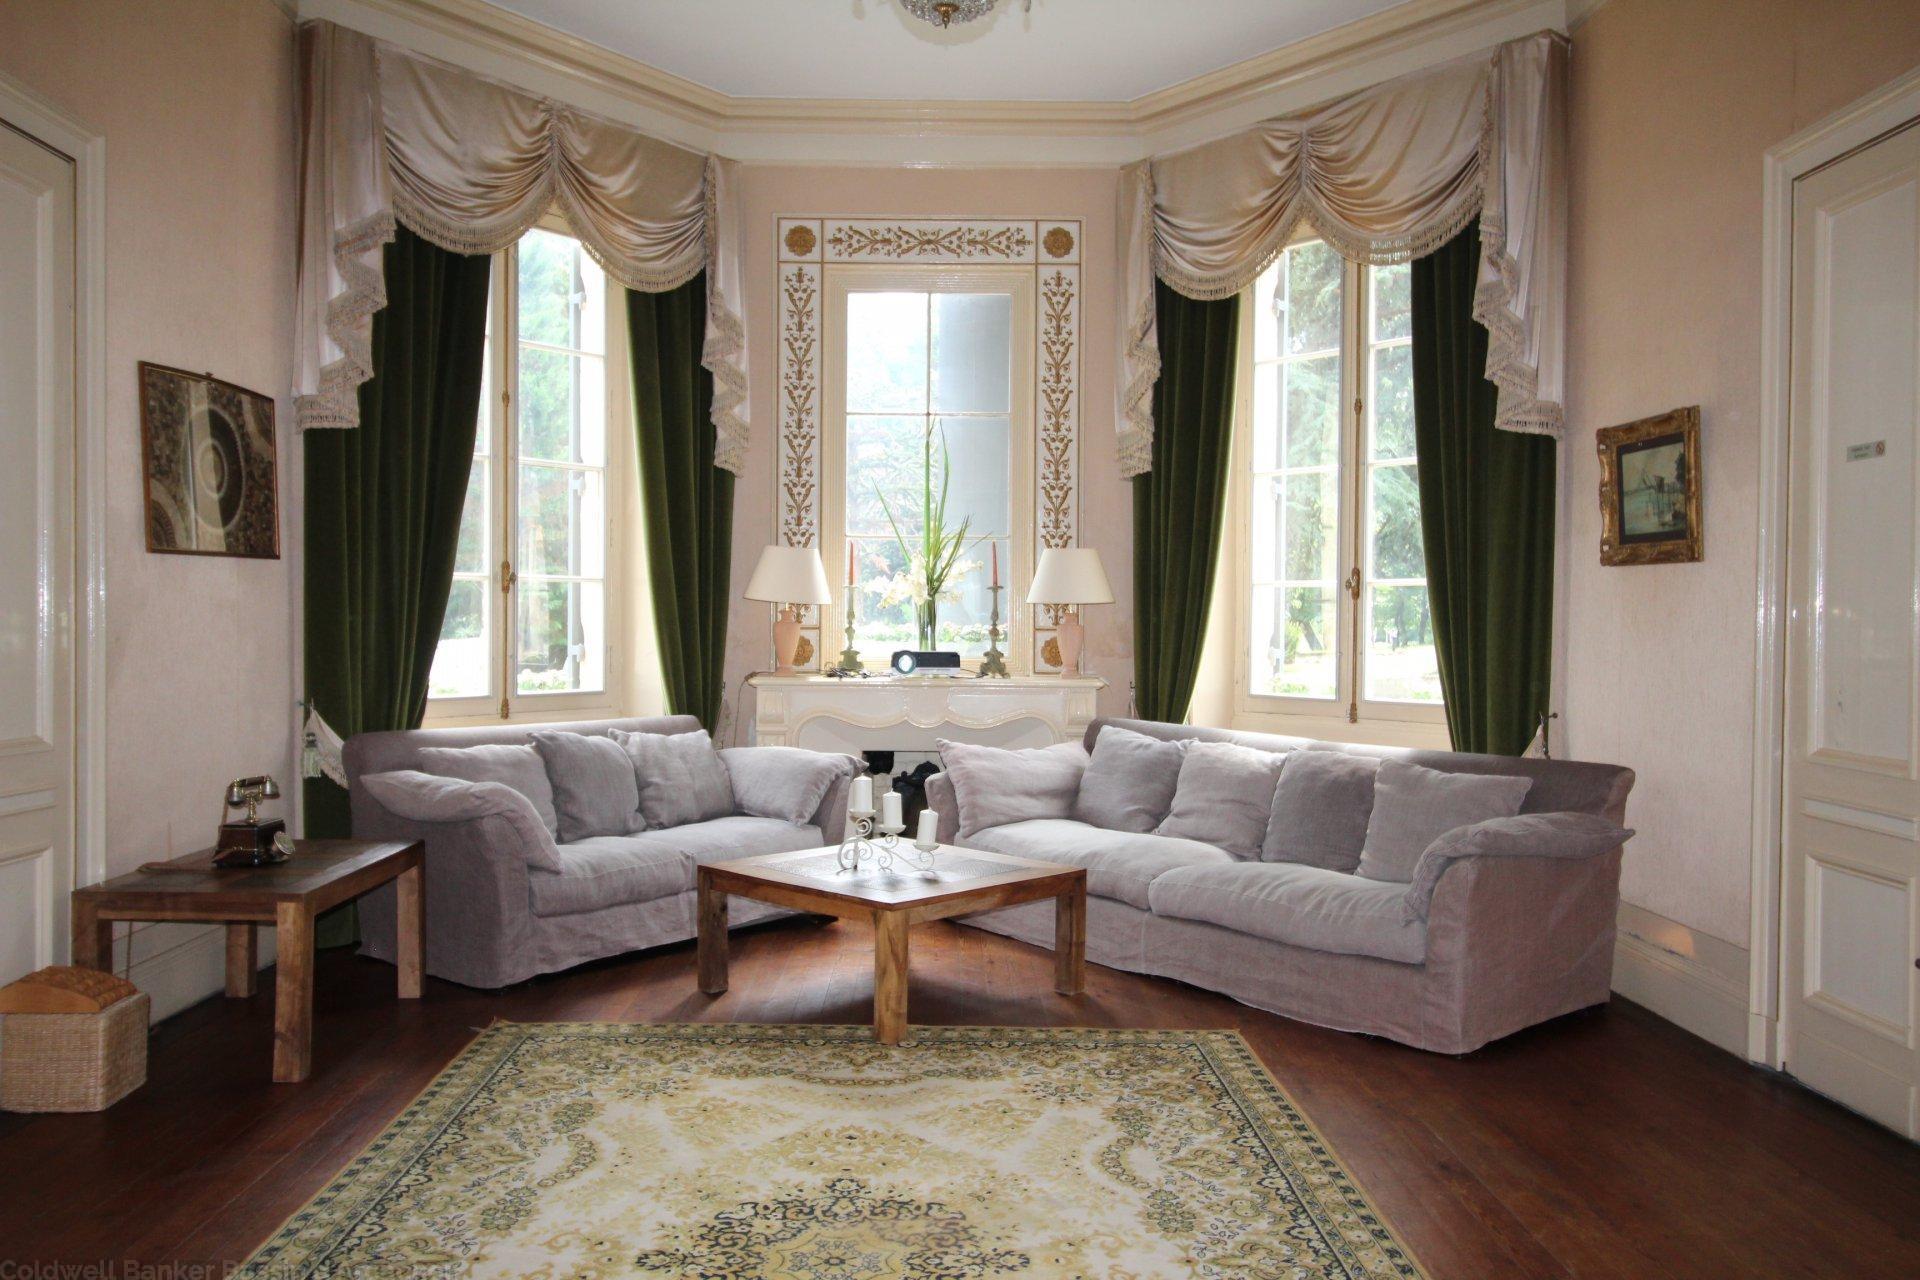 Vente chartreuse xiiie si cle proche bordeaux montussan id ale chambres d 39 h tes ou h tel de luxe - Chambre d hote chartreuse ...